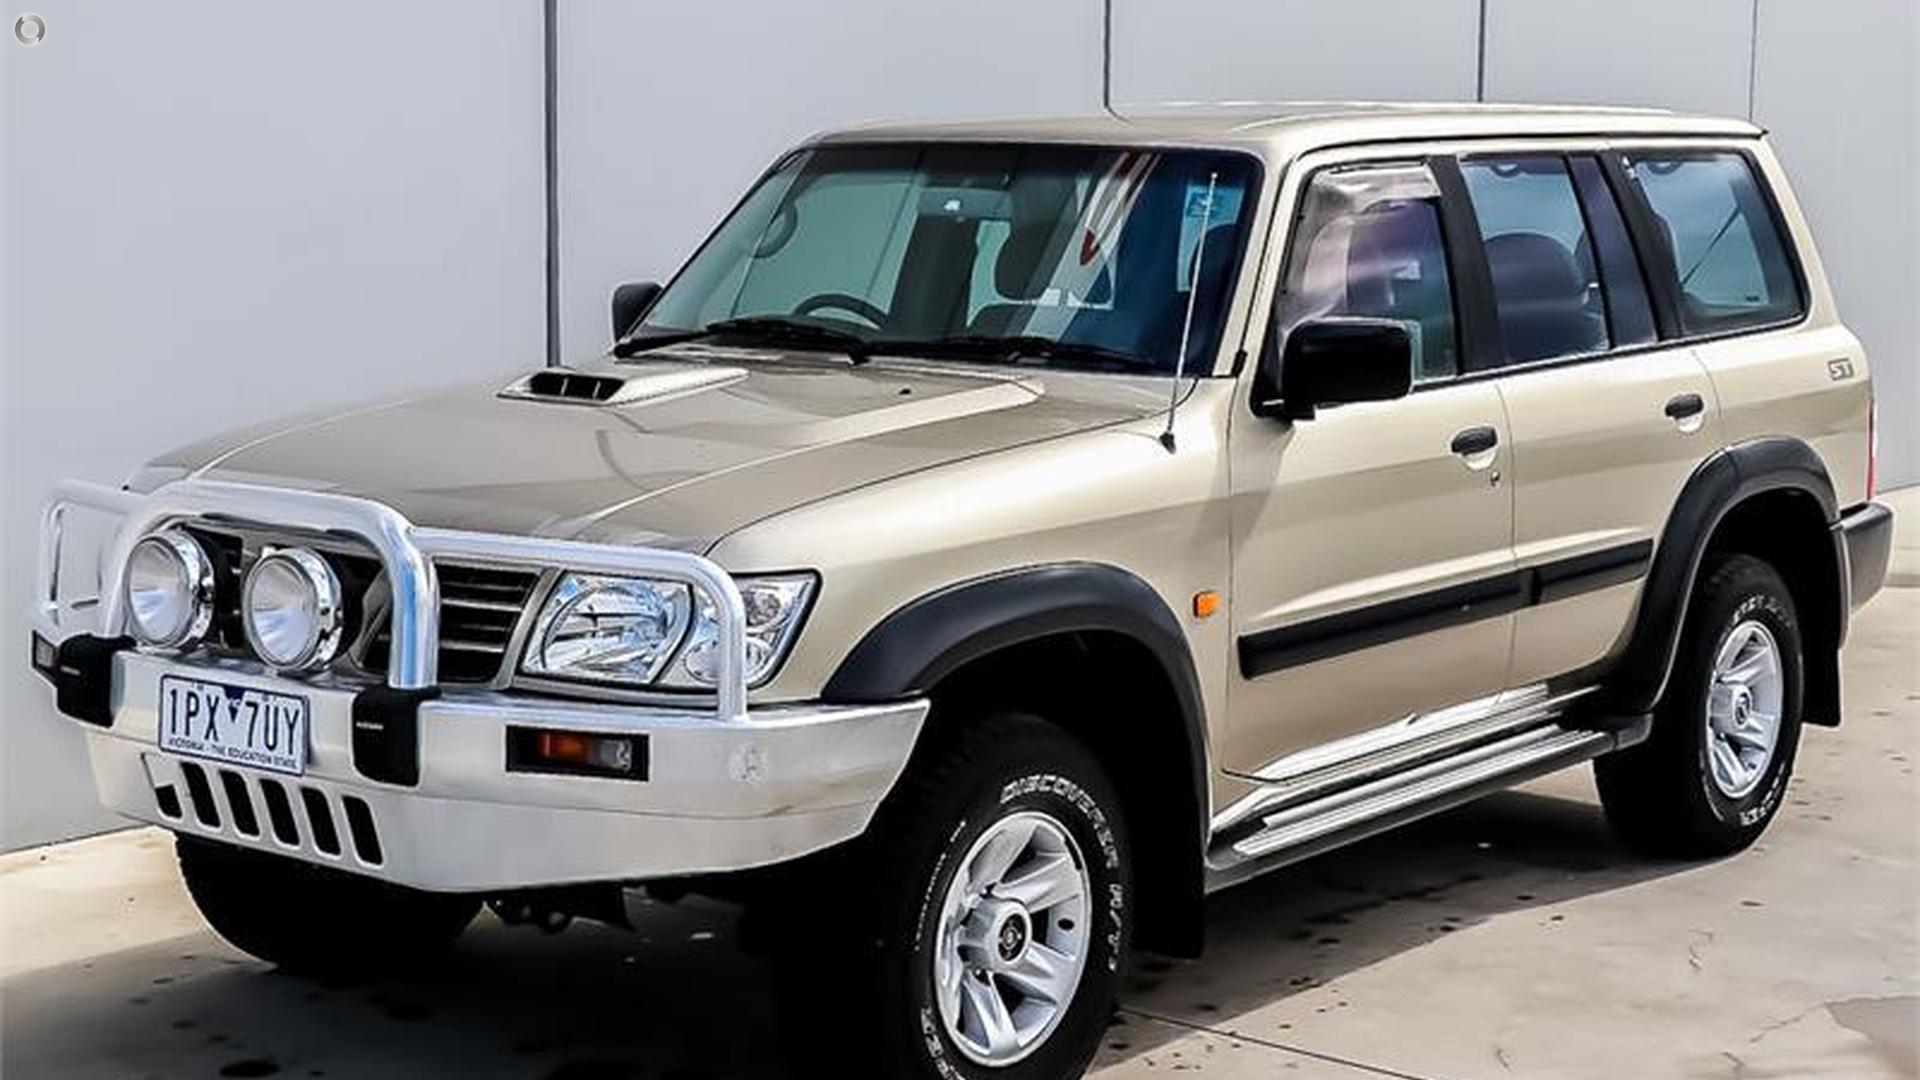 2004 Nissan Patrol GU III